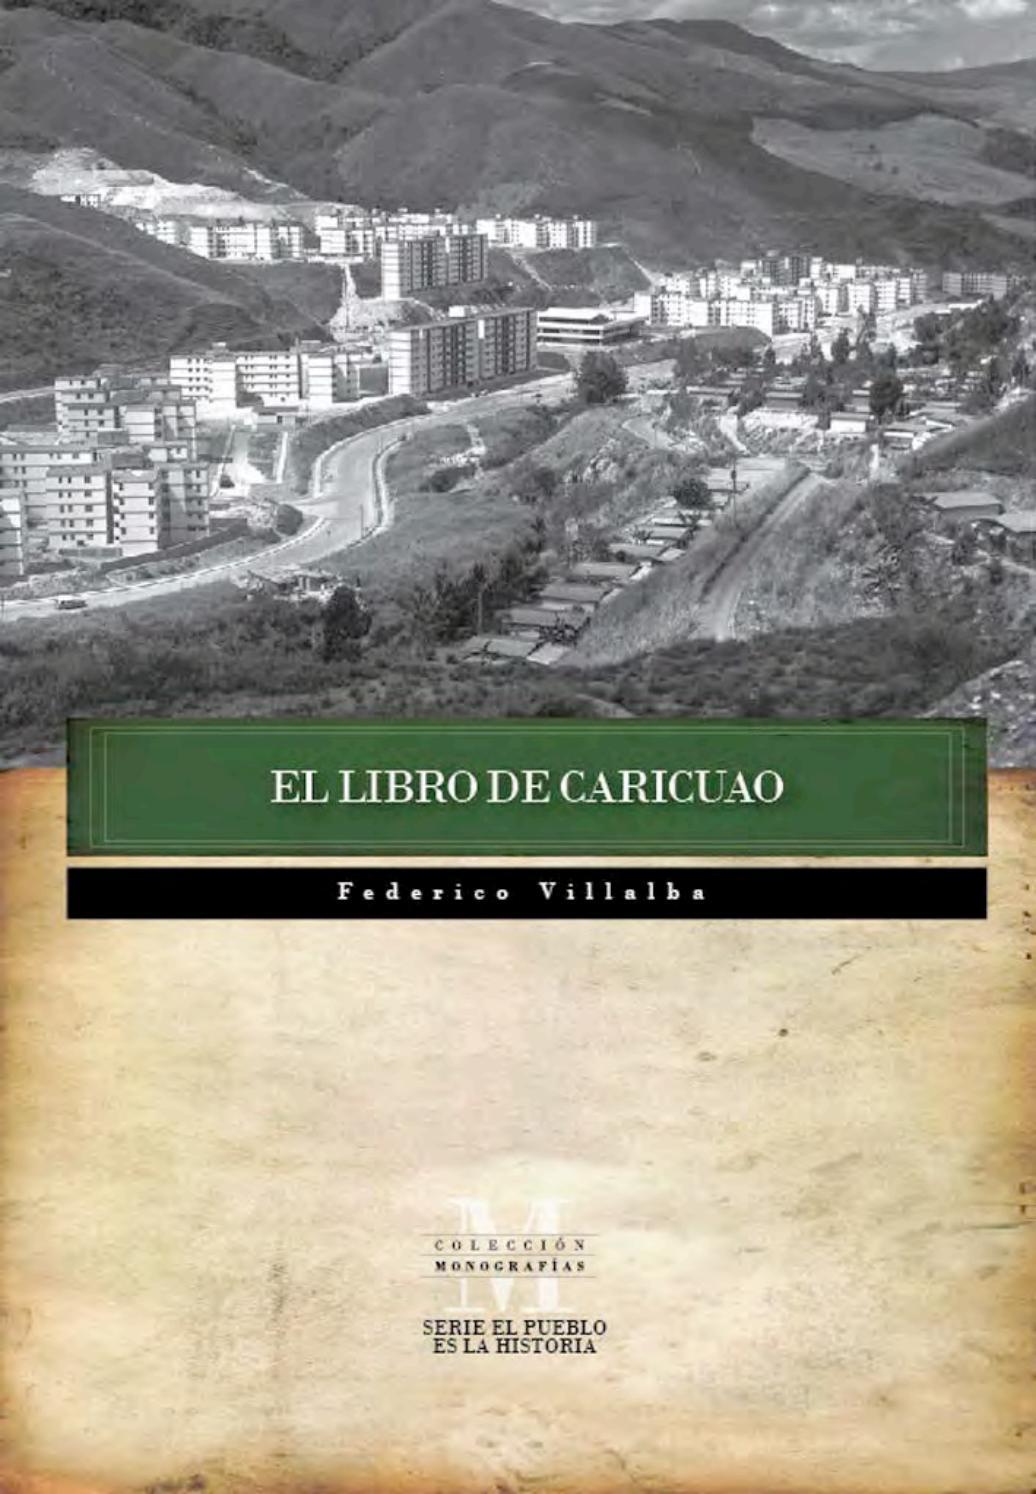 EL LIBRO DE CARICUAO by Fundación Centro Nacional de Historia - issuu